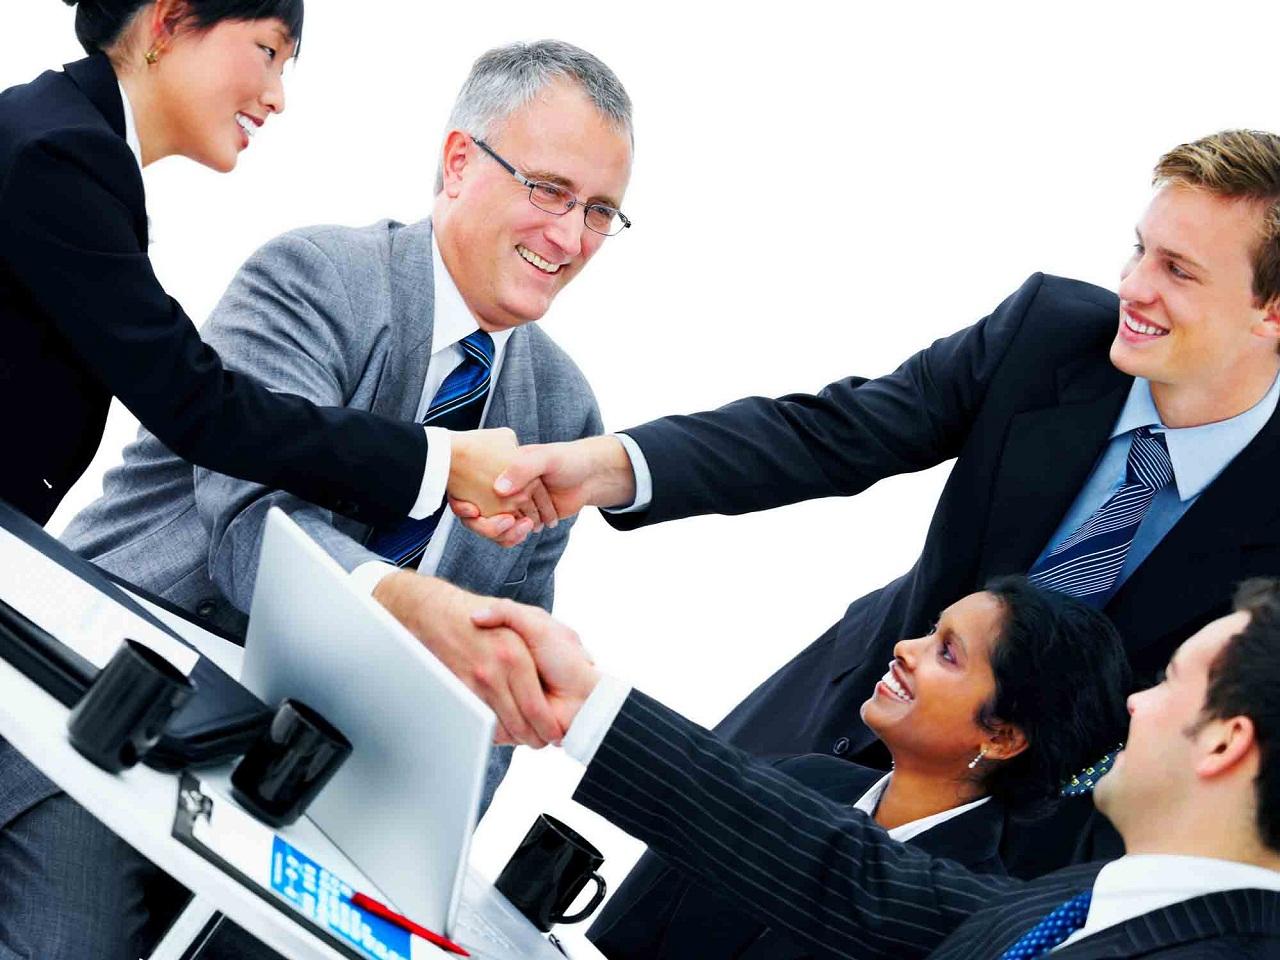 Neil Haboush | Successful Entrepreneur - Today's Entrepreneur Characteristics